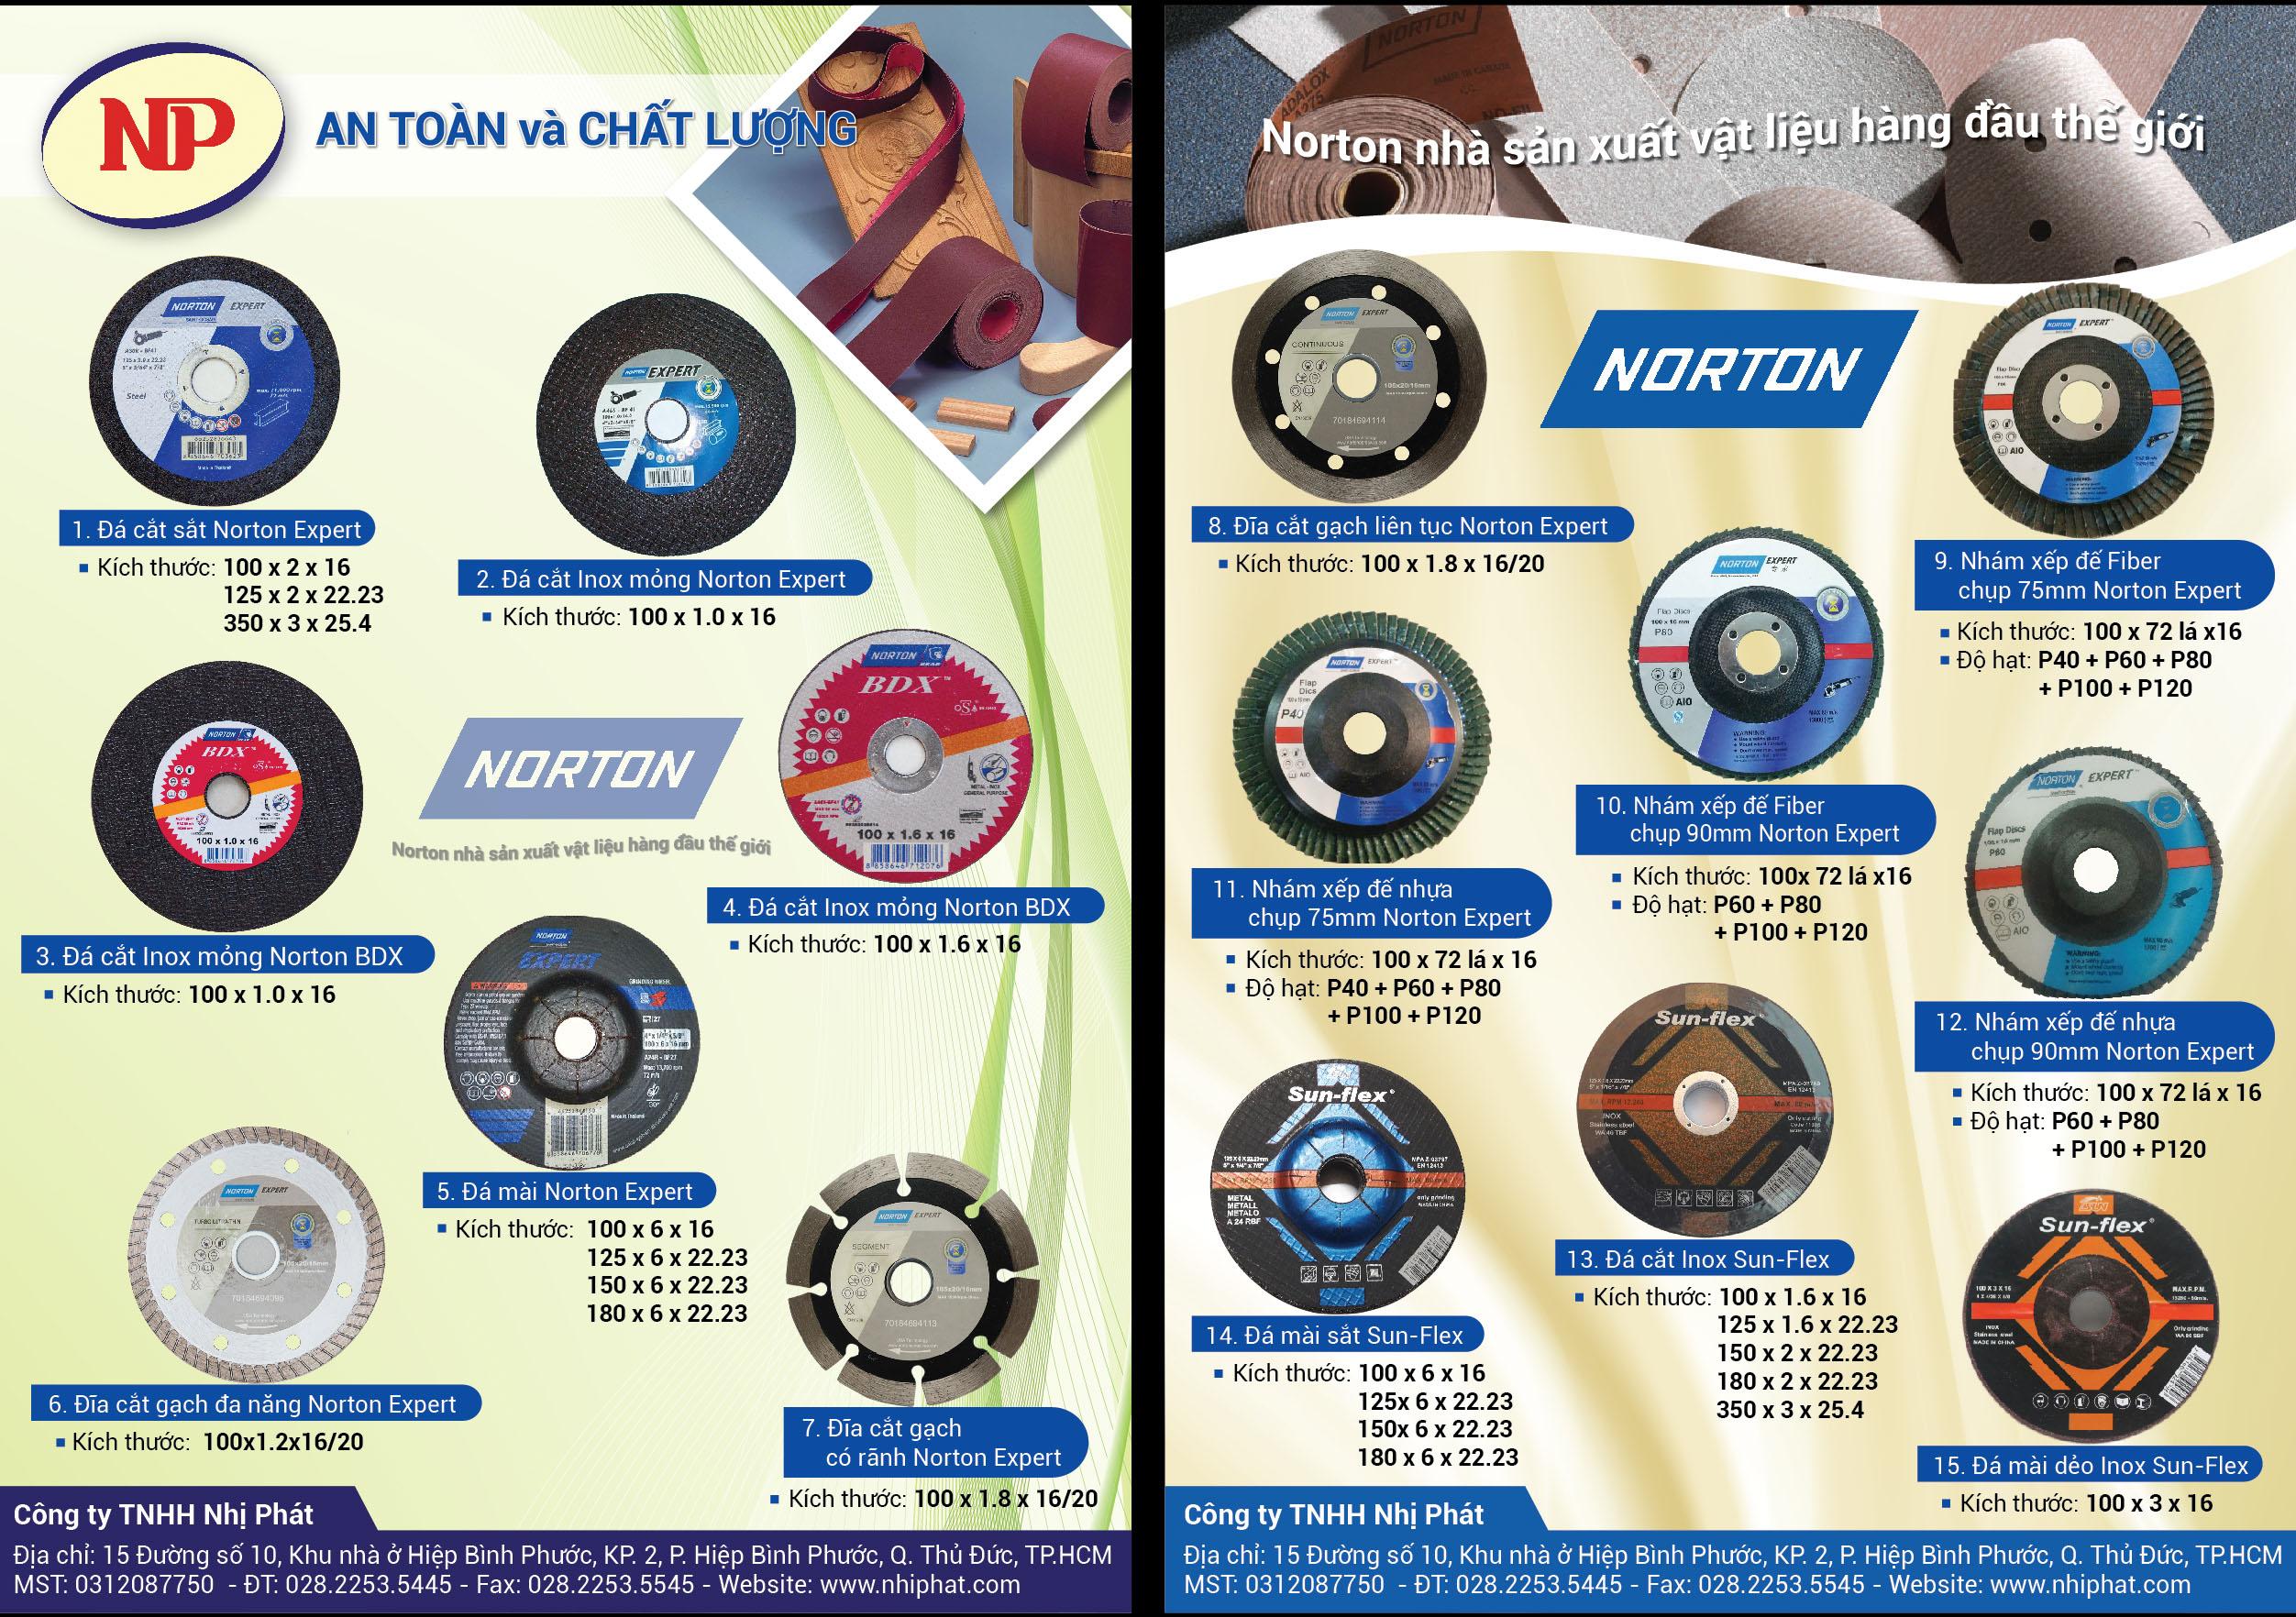 Nhám xếp Norton Expert - chụp nhựa đế nhỏ